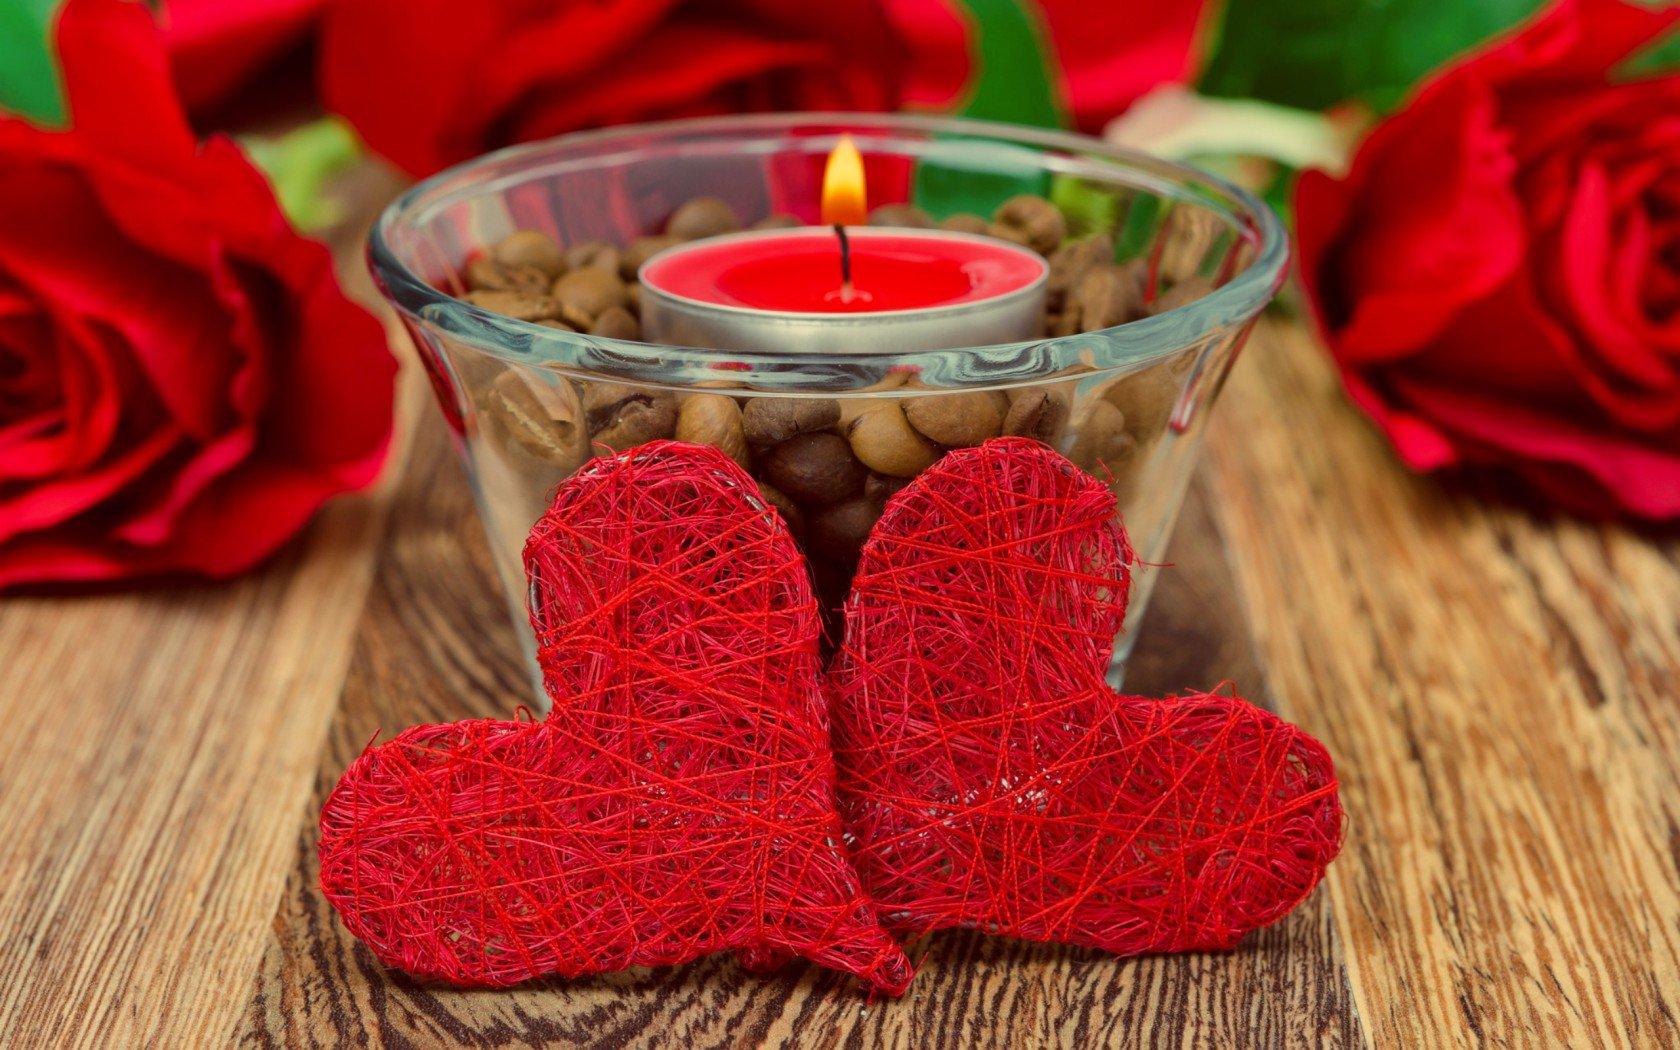 صور قلوب وحب ورومانسية وصورة قلب HD  (22)